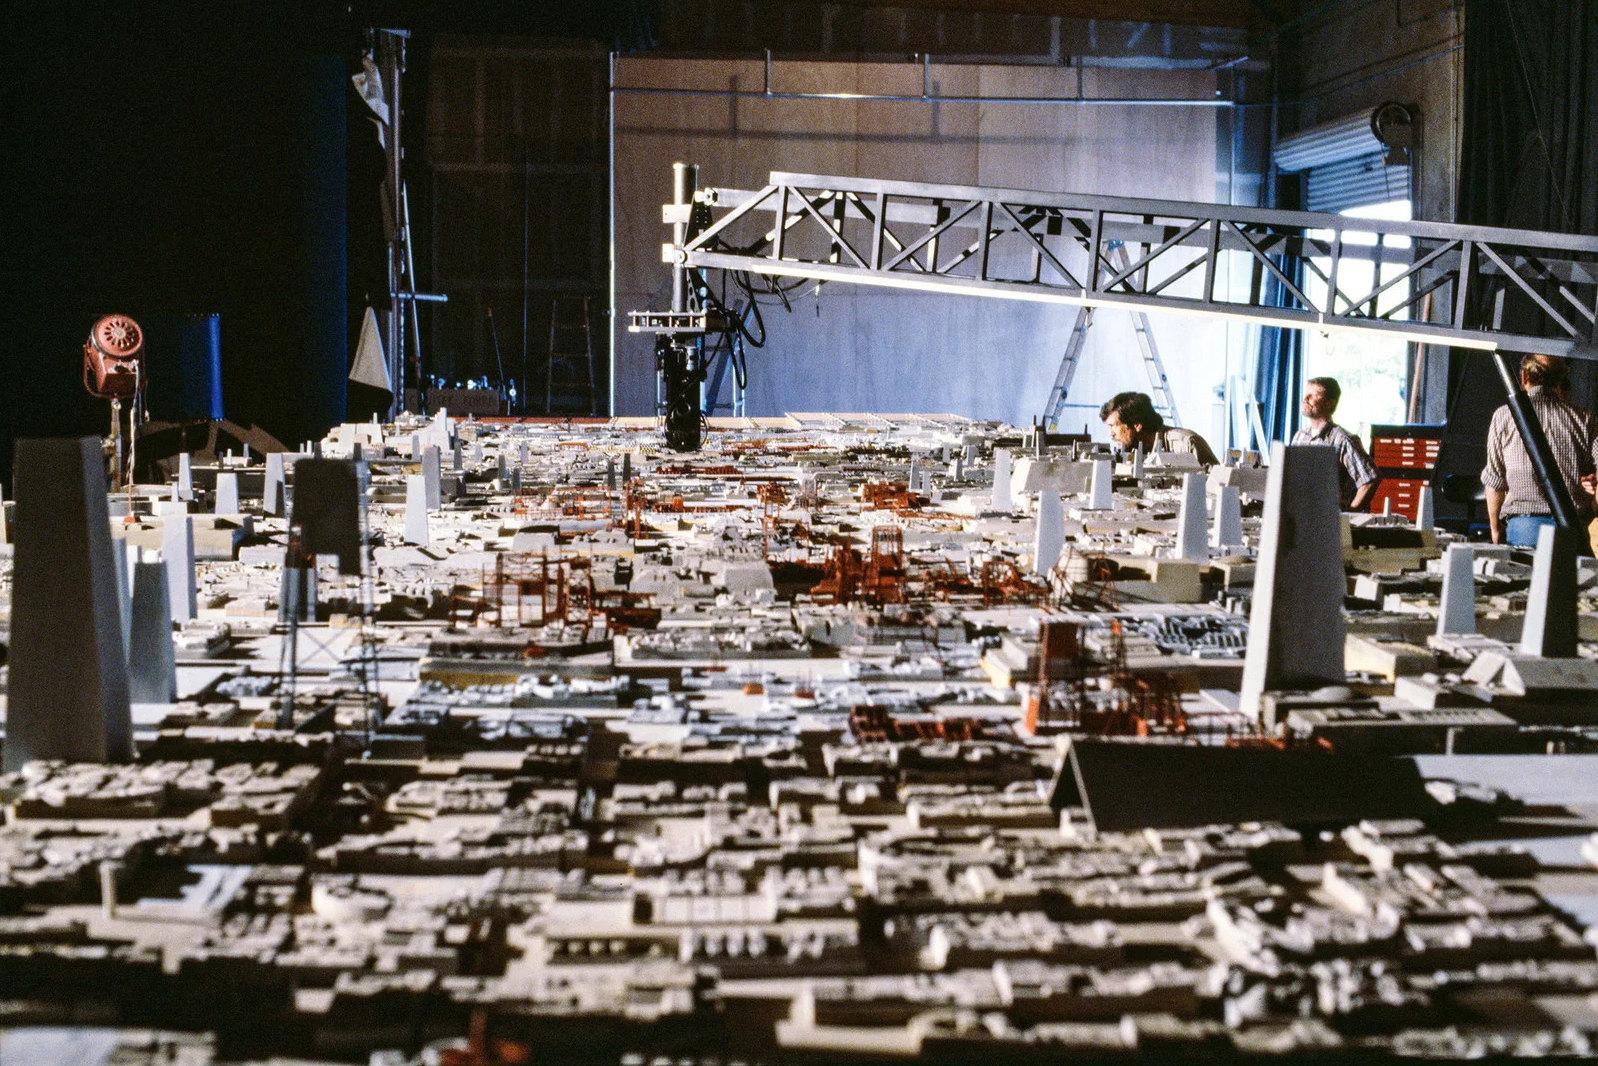 «Возвращение джедая» (1983): поверхность Звезды смерти снимают накамеру Dykstraflex, закоторой присматривают Ричард Эдлунд (на фото он сидит слева) иоператор поспецэффектам Билл Нил.